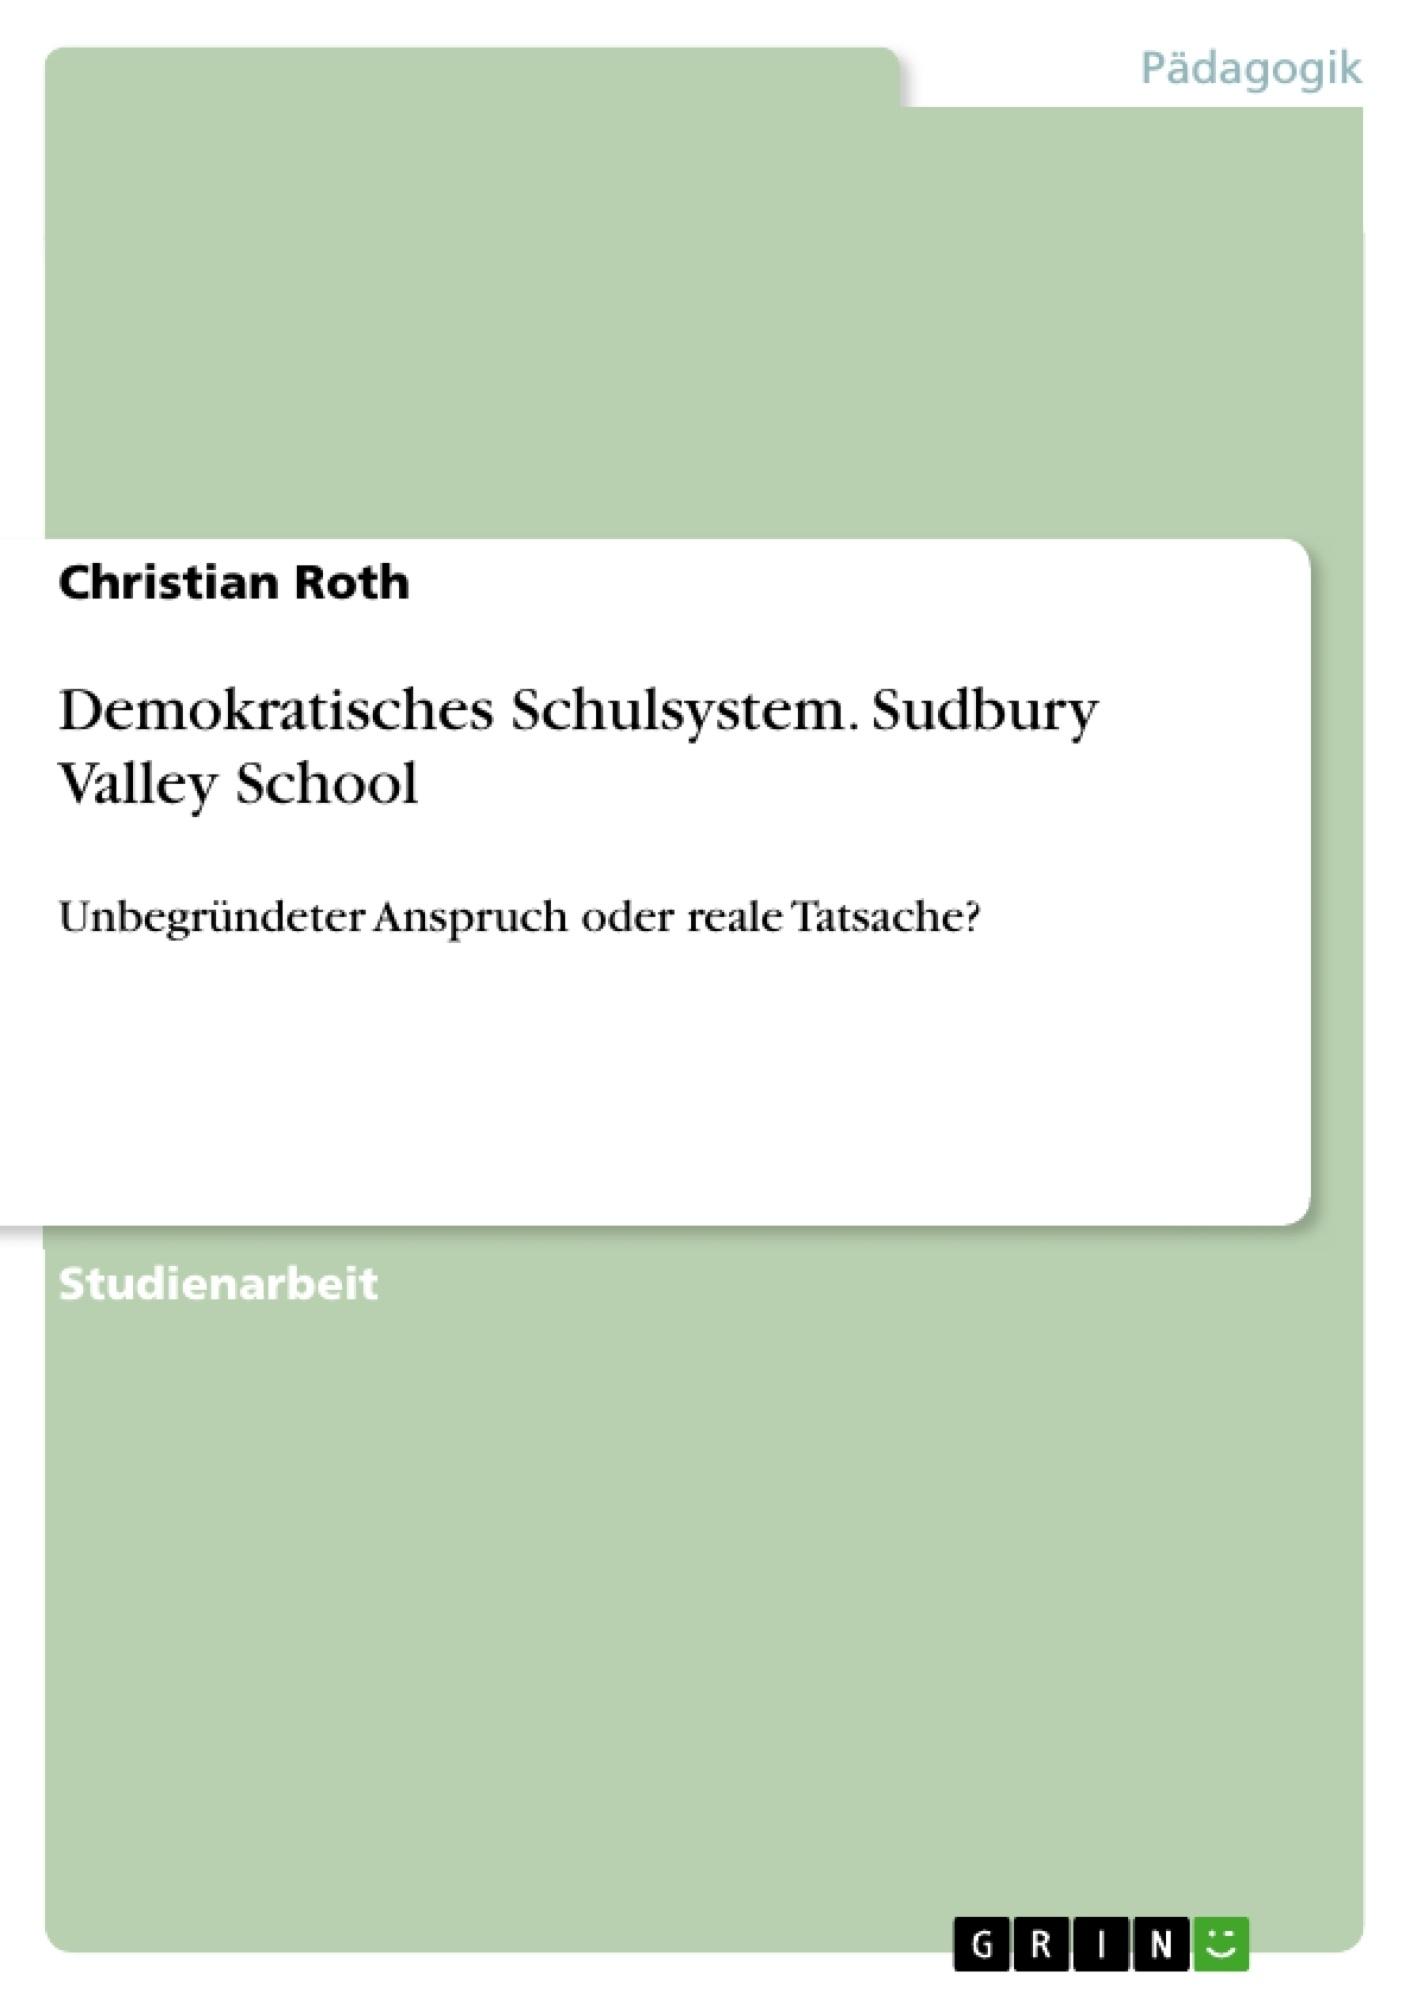 Titel: Demokratisches Schulsystem. Sudbury Valley School